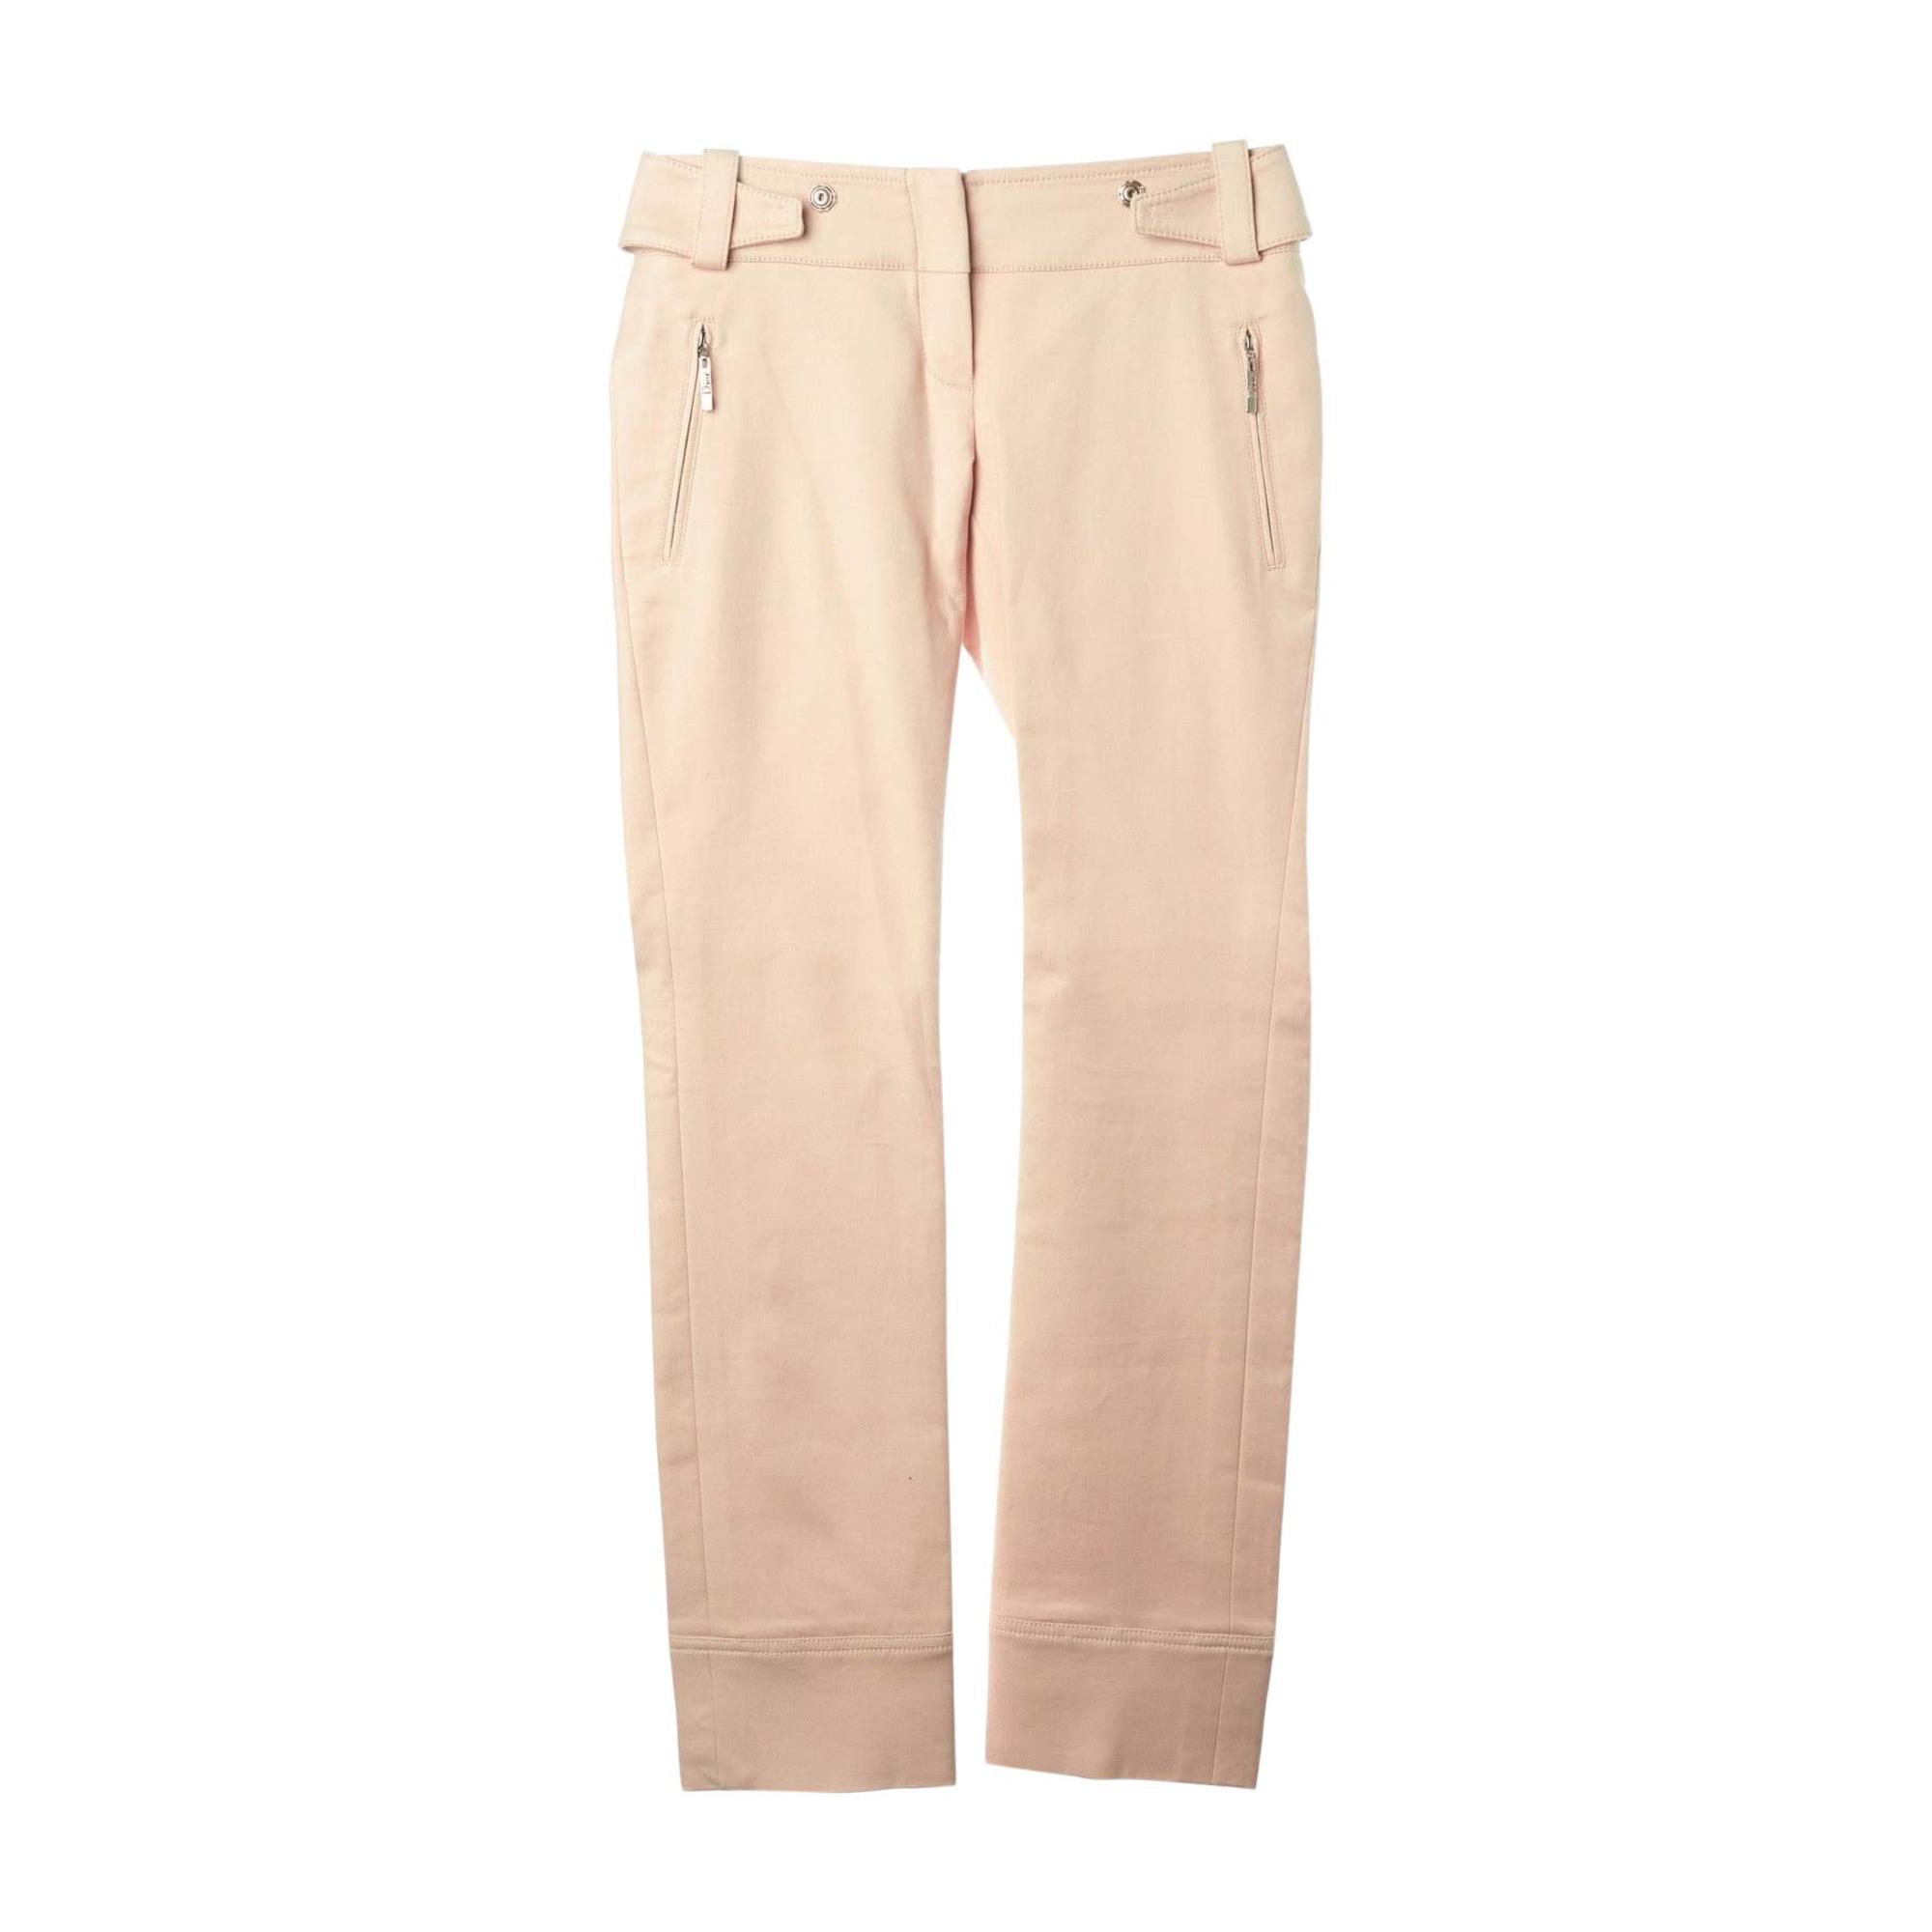 Pantalon droit DIOR Beige, camel